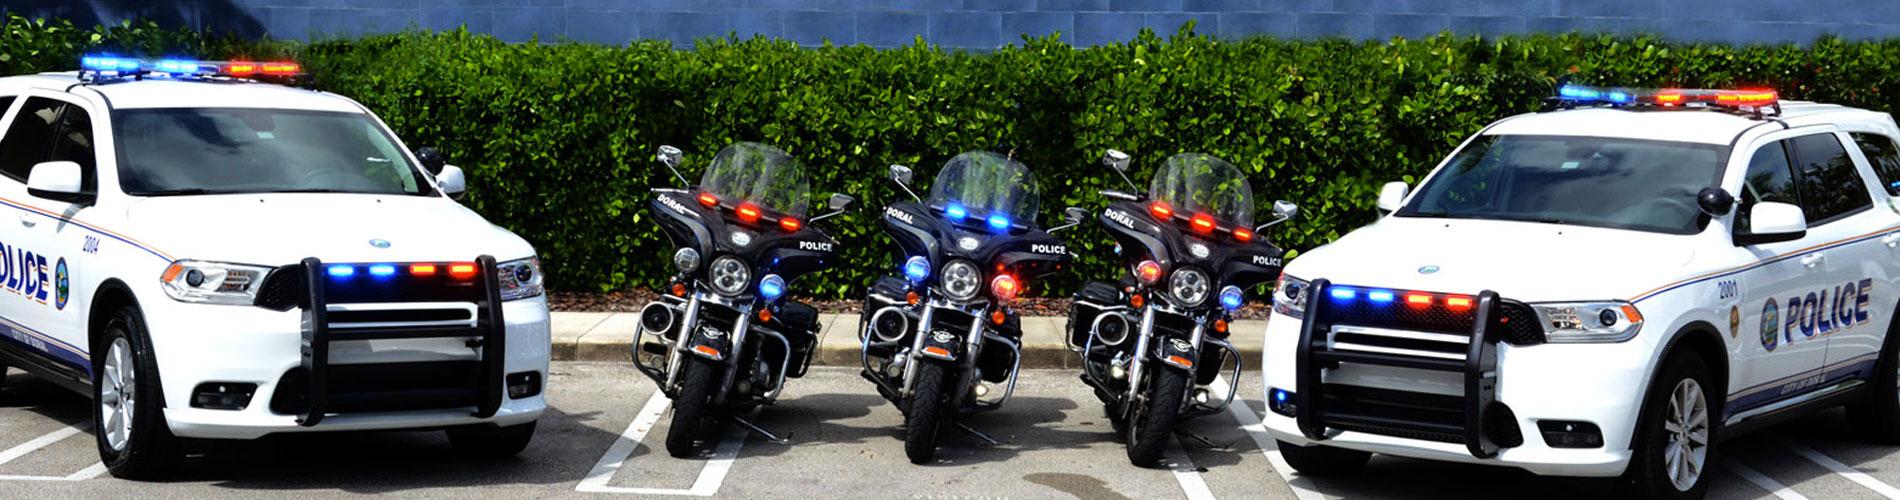 Doral Police